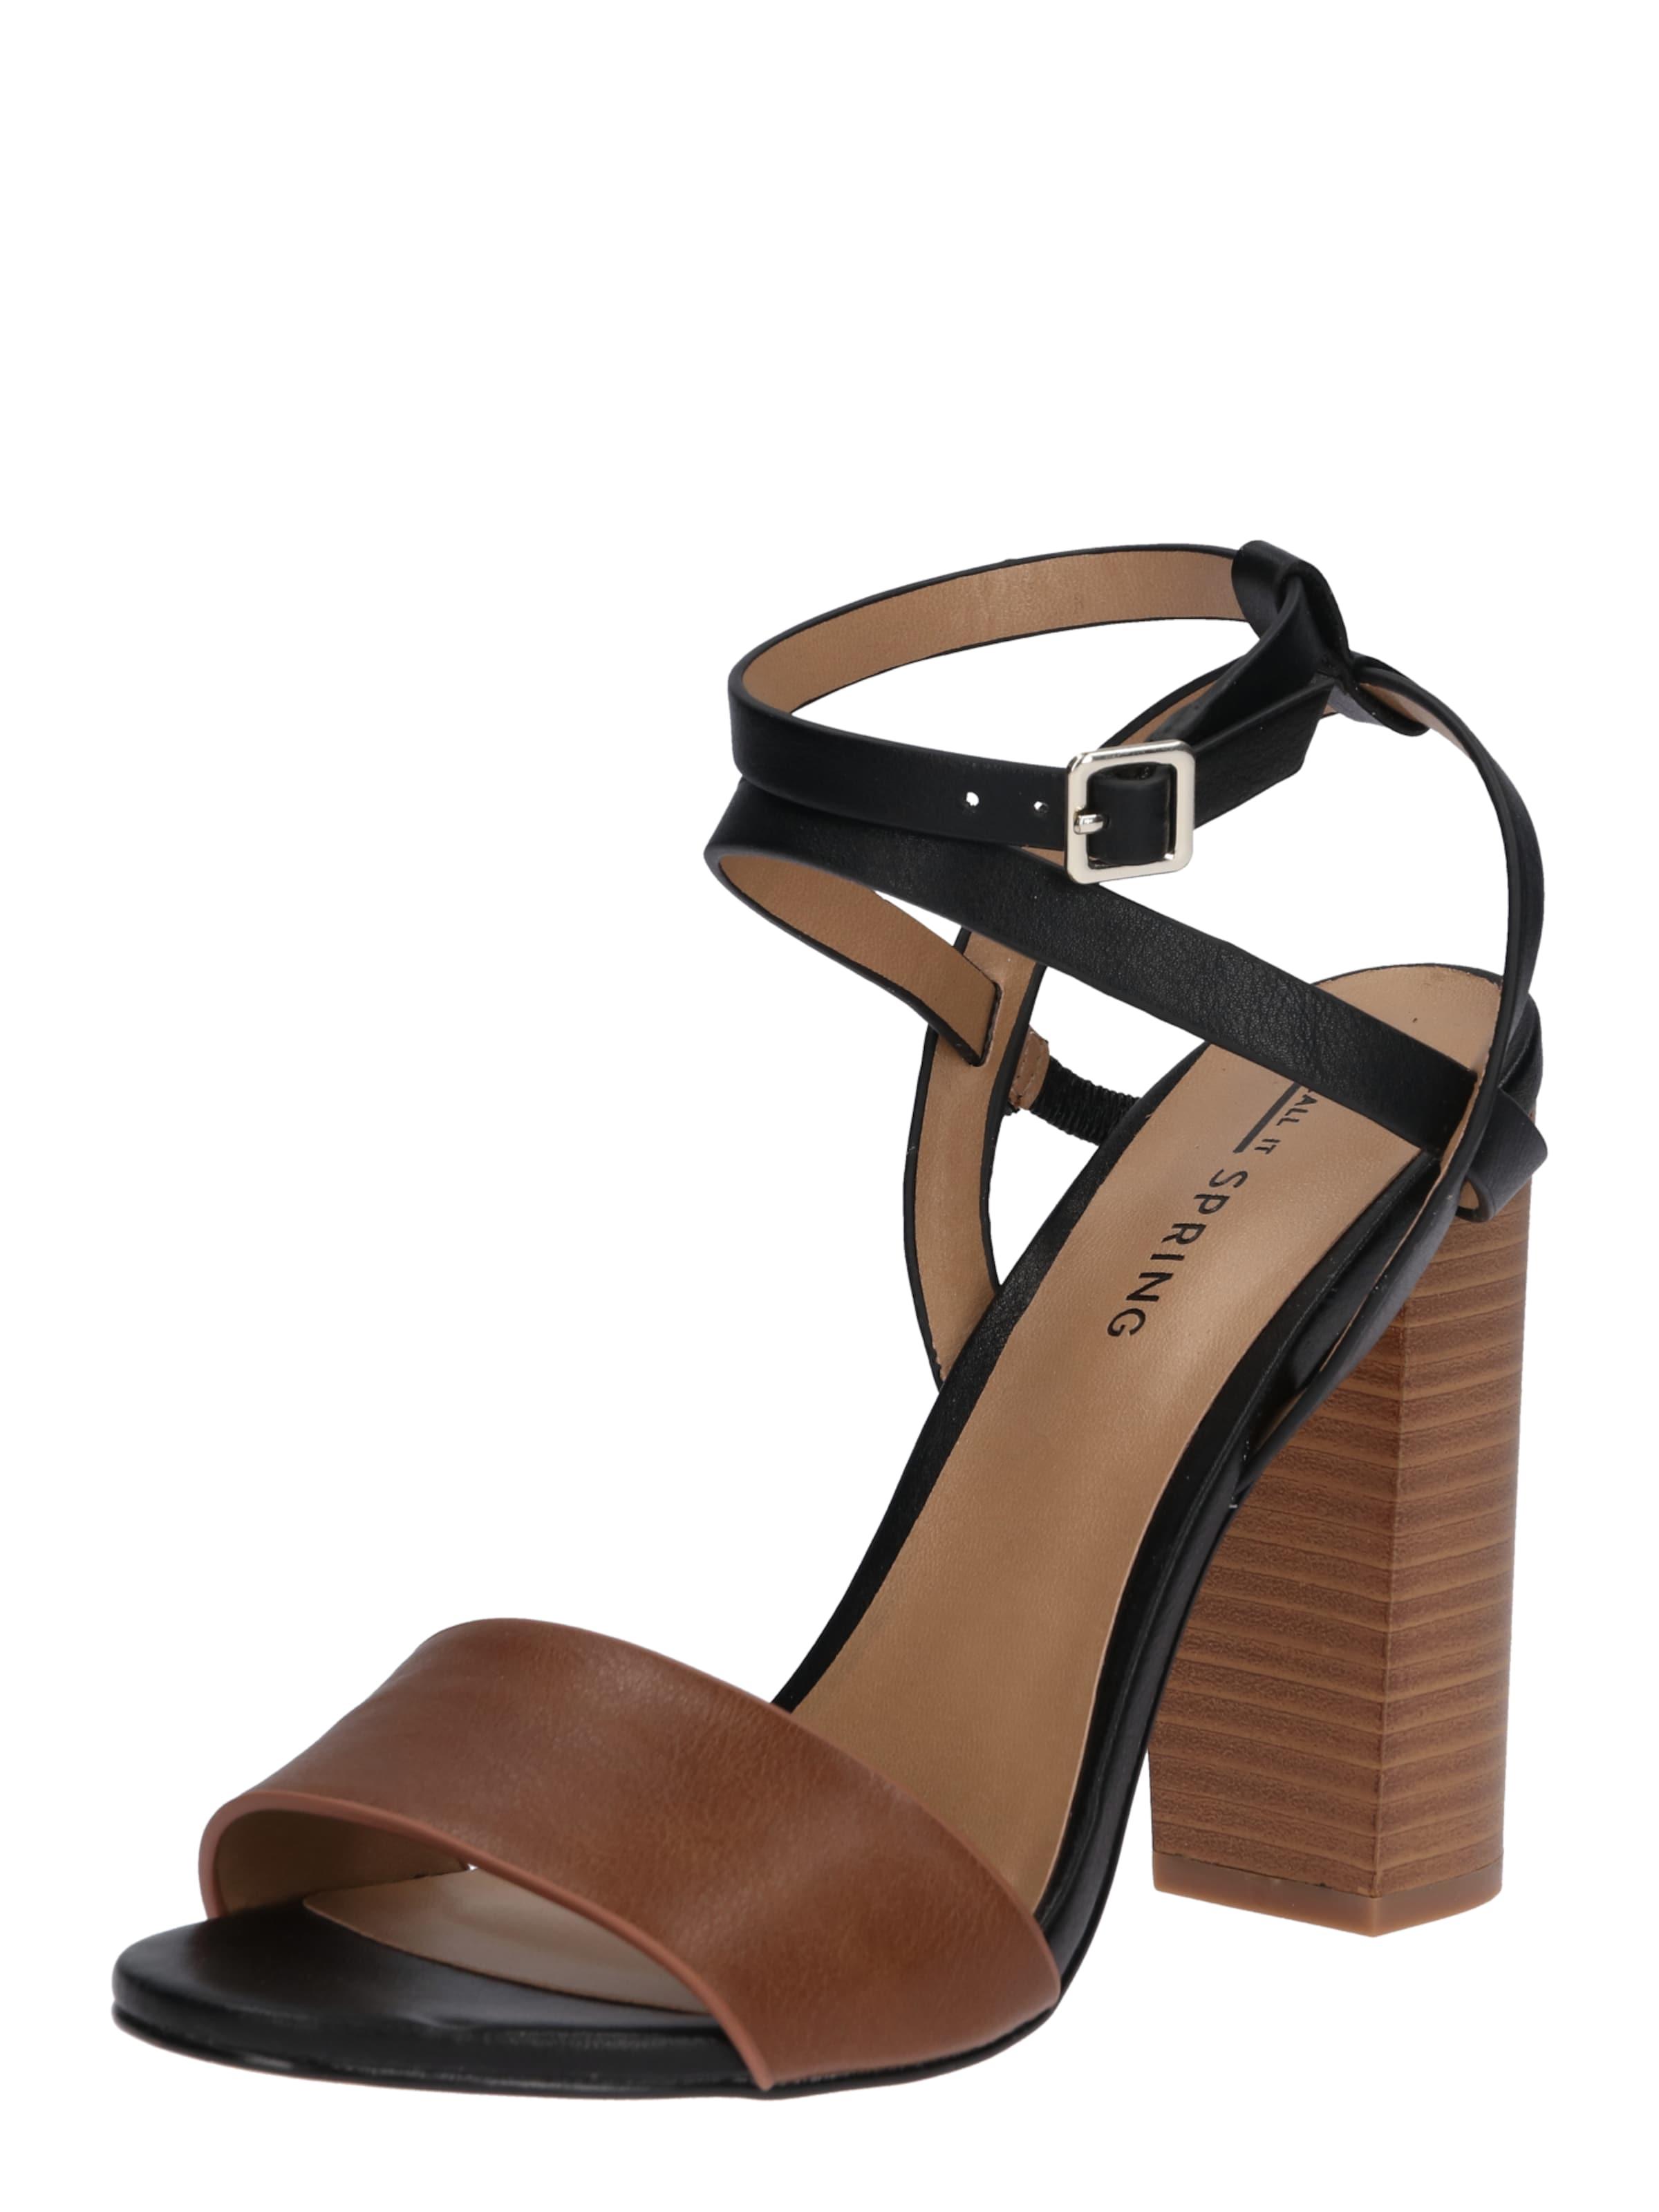 CALL IT SPRING Heel-Sandalette | High Heel-Sandalette SPRING  PALEWIA 291720